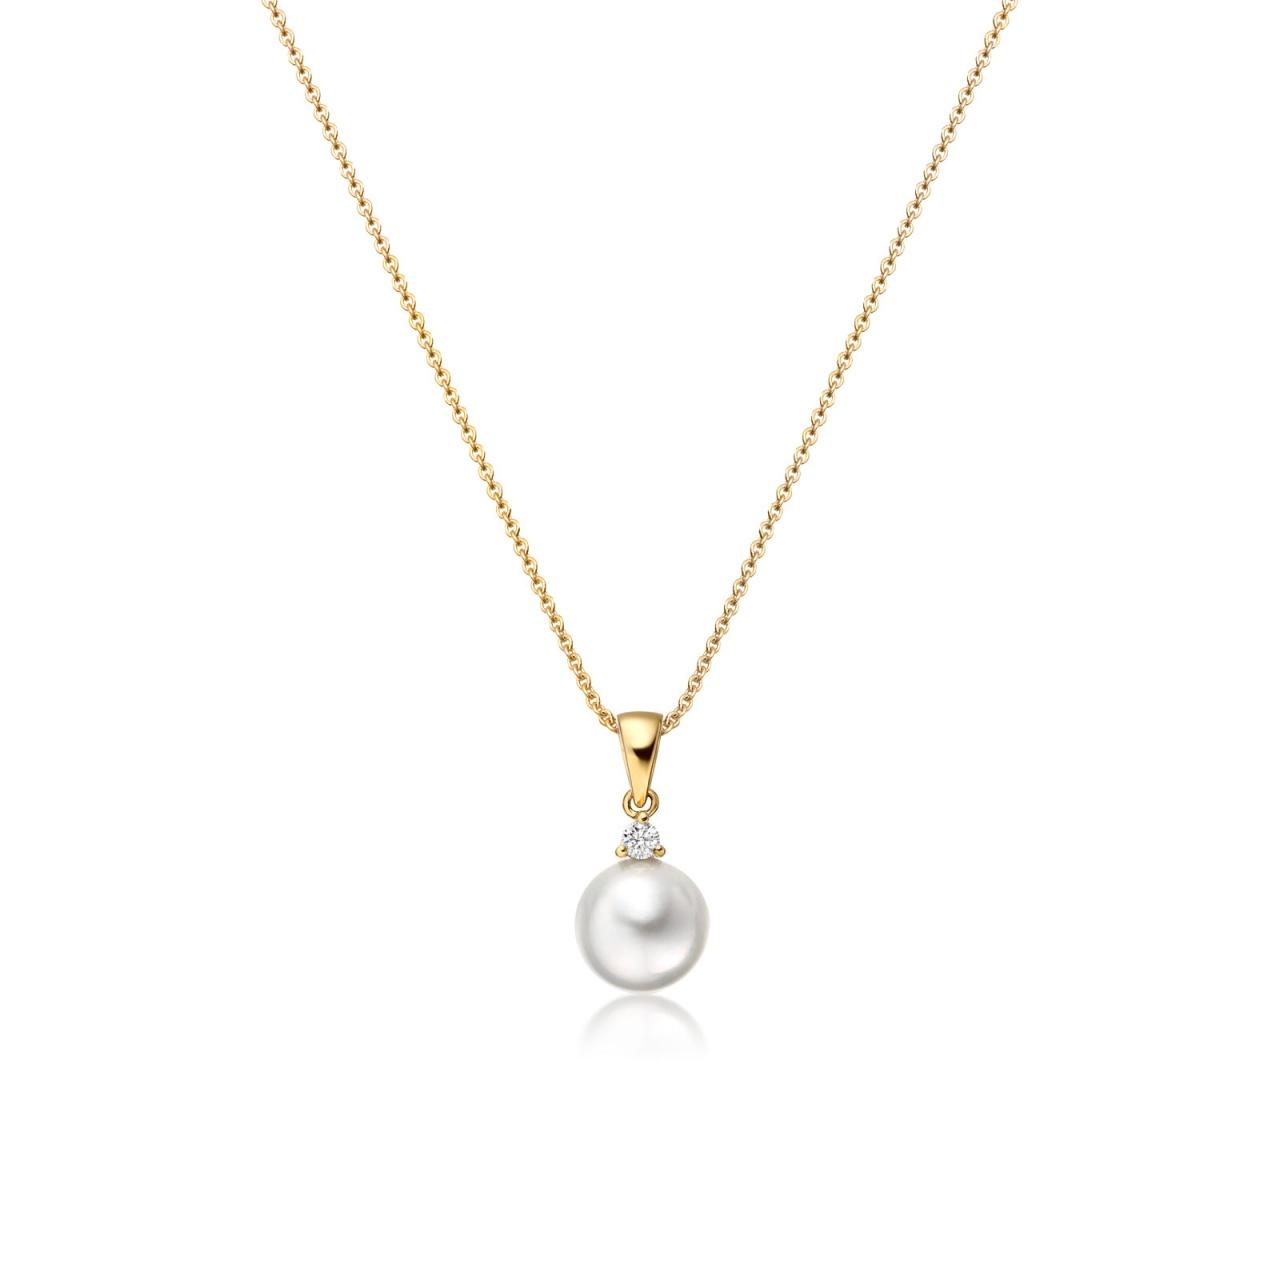 Akoya Pearl and Diamond Pendant with 18ct Yellow Gold-APWRYG0174-1